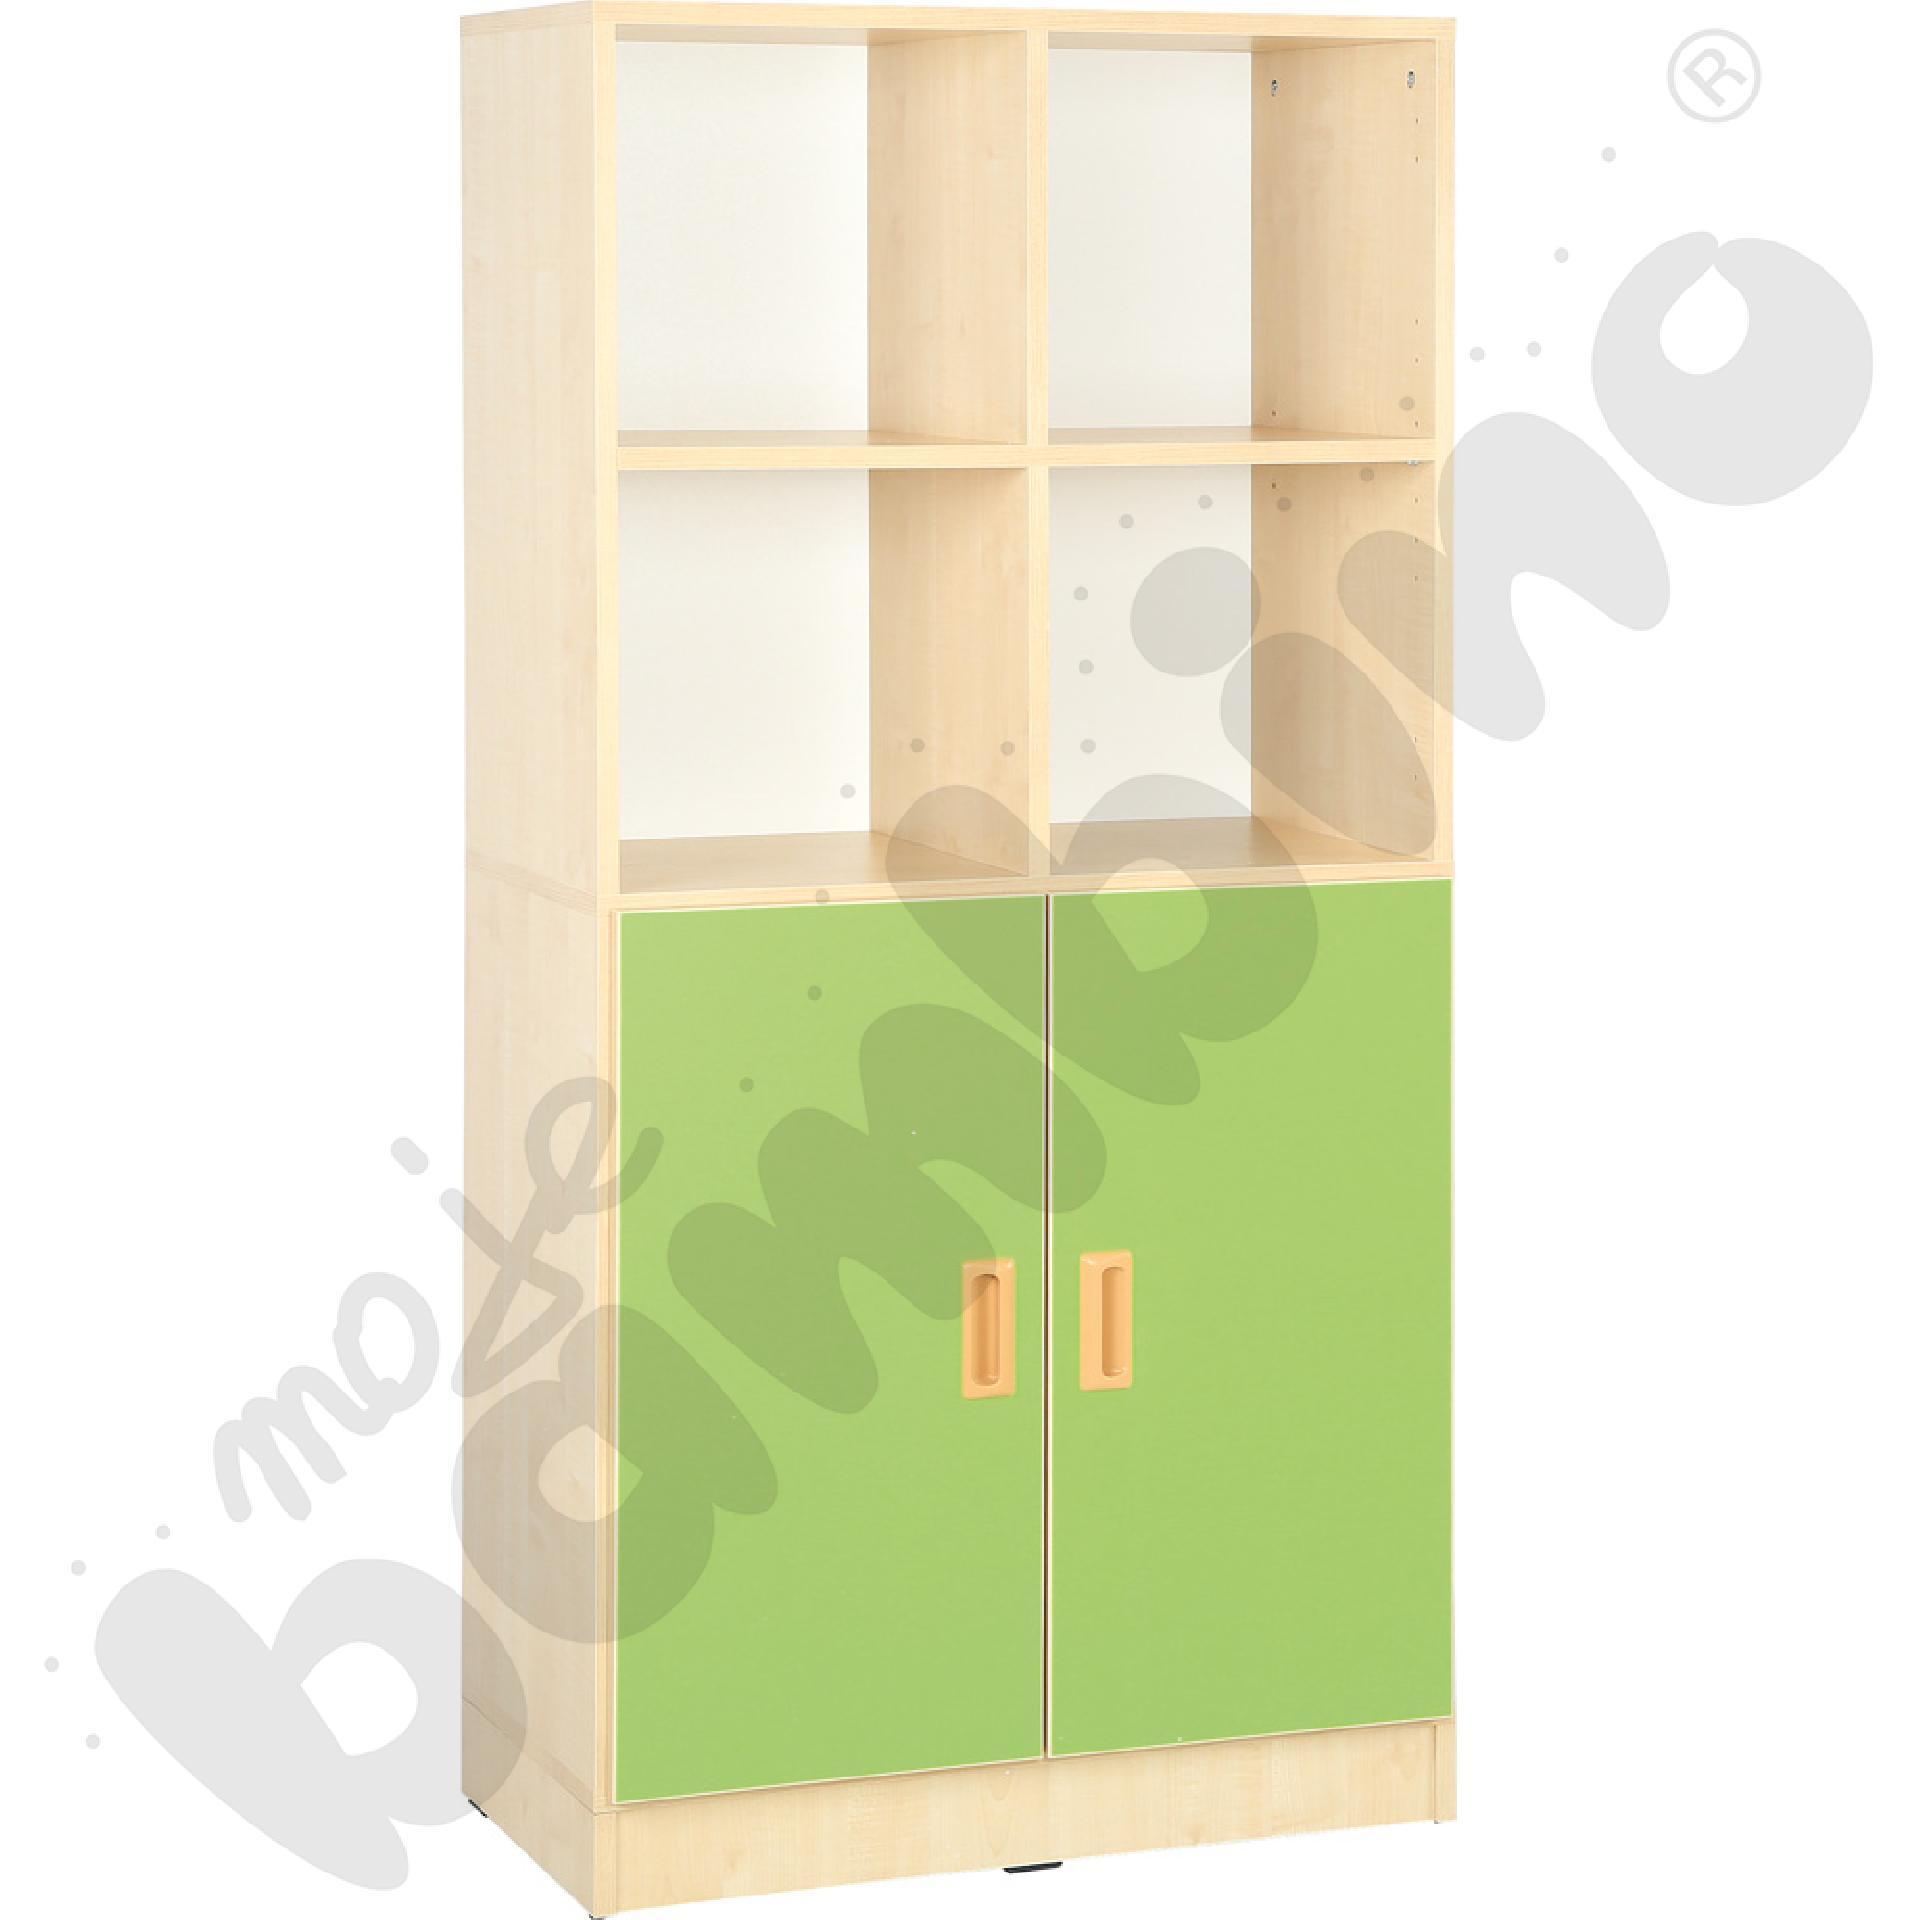 Drzwi duże do regału - zieloneaaa